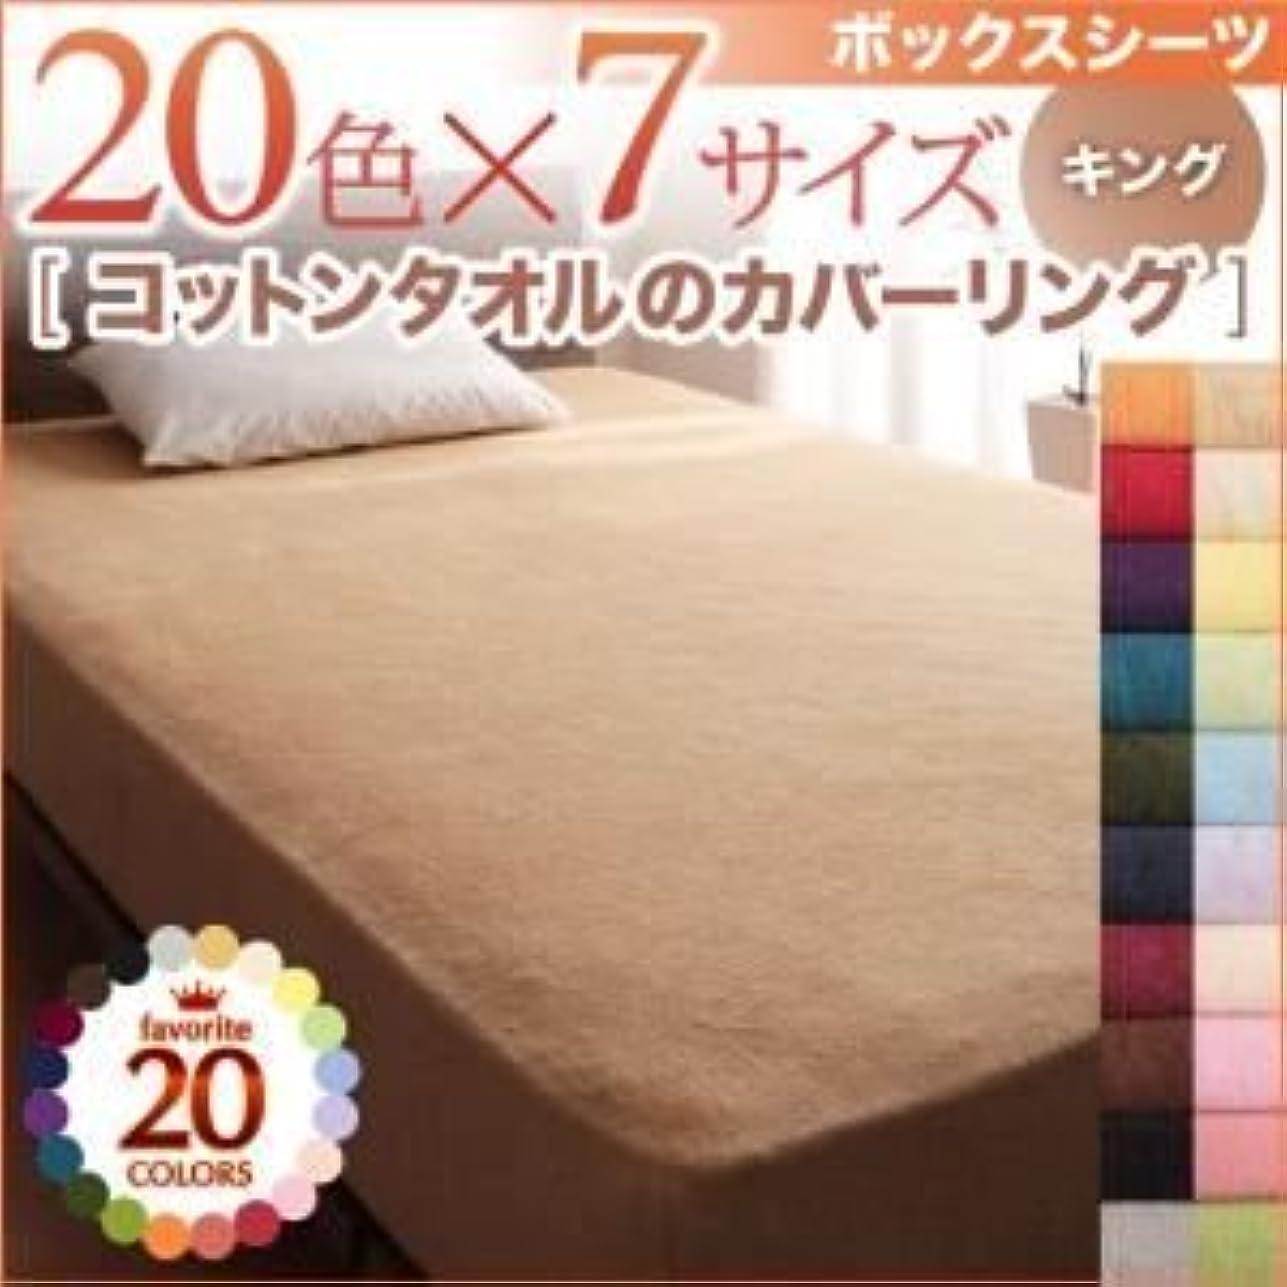 イタリアのつかむカーペット【単品】ボックスシーツ キング ミルキーイエロー 20色から選べる!365日気持ちいい!コットンタオルボックスシーツ